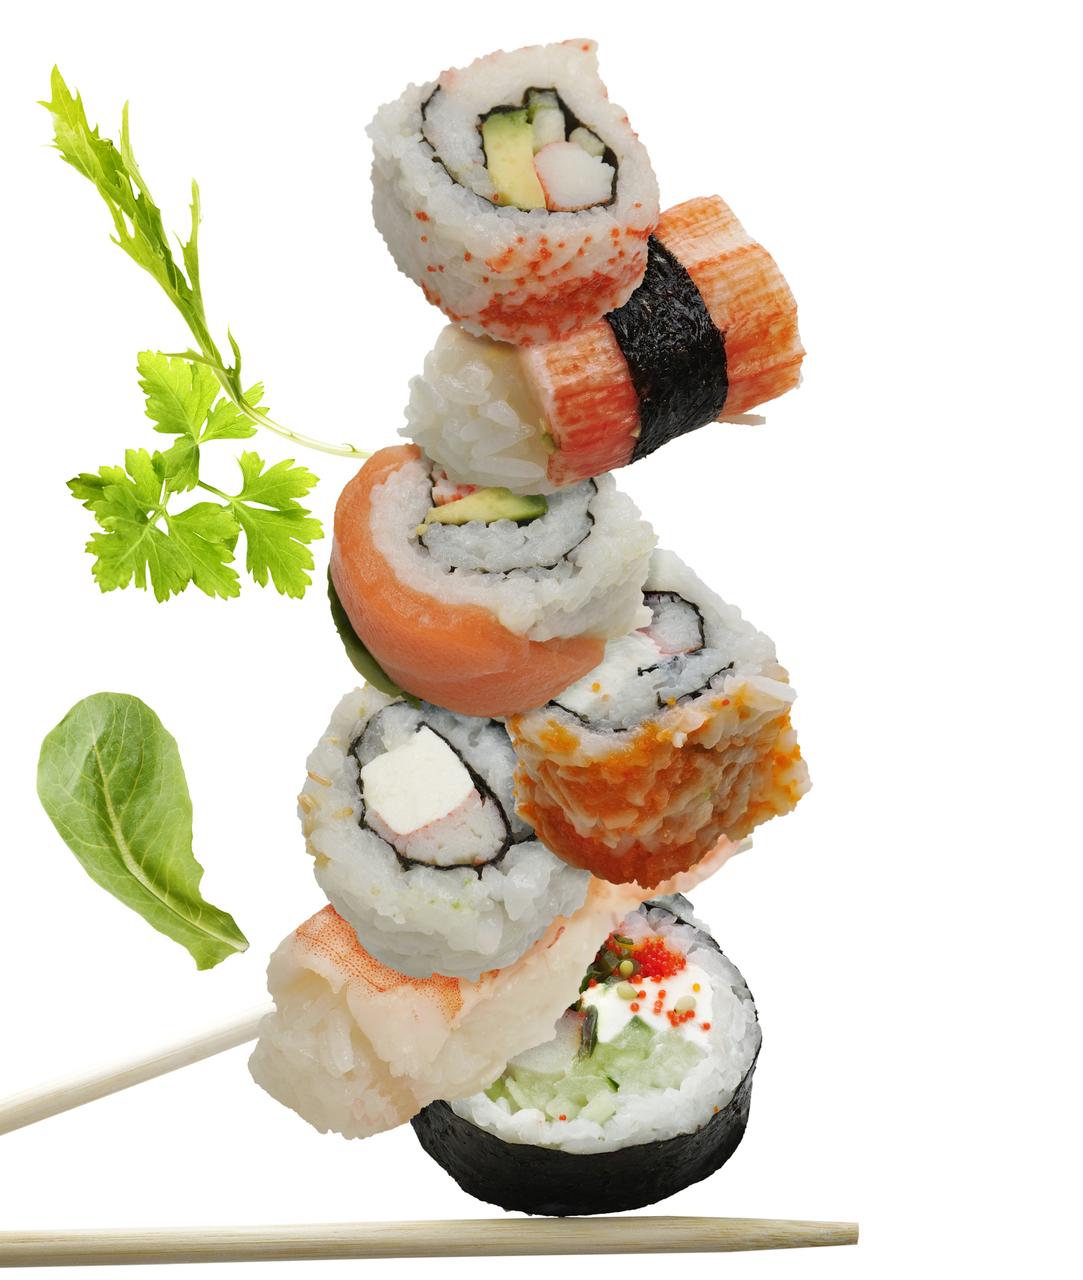 Yoshi Sushi : HANDS ON -  Monday, November 19,  2018     7-9 PM